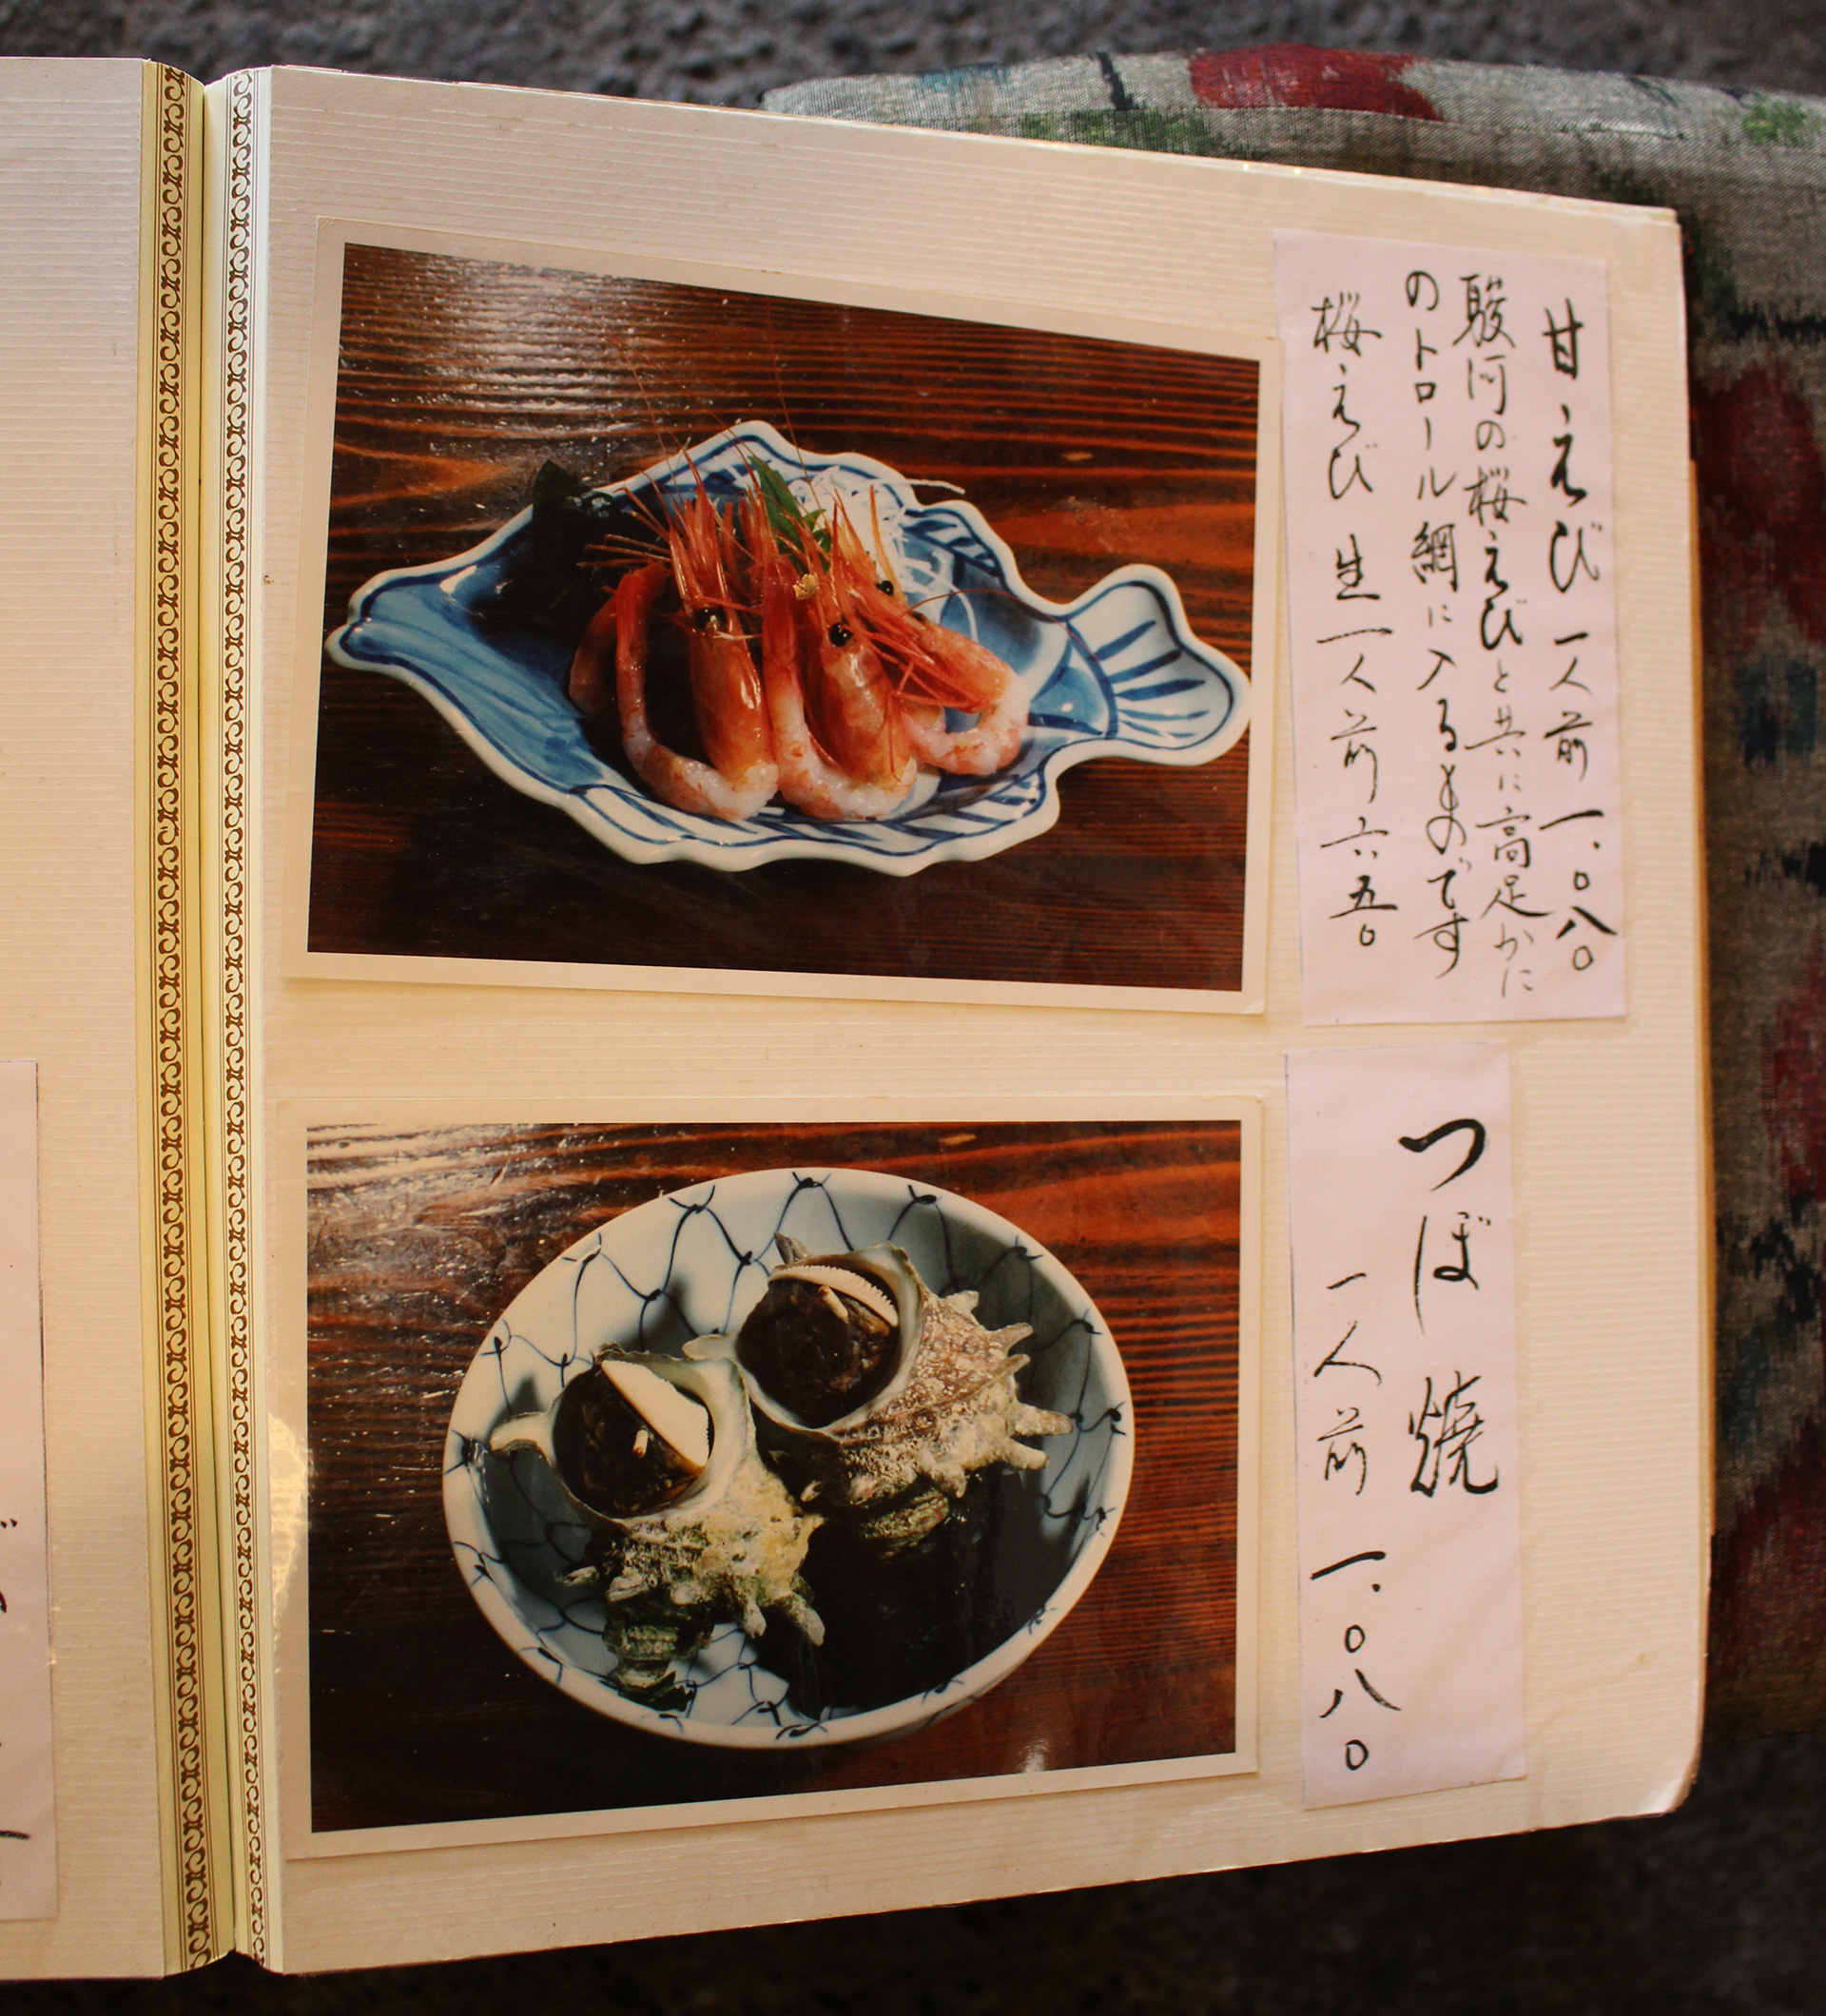 民芸茶房【松崎】地魚の刺身と天城の大木で作った机に感動!メニューつぼ焼き